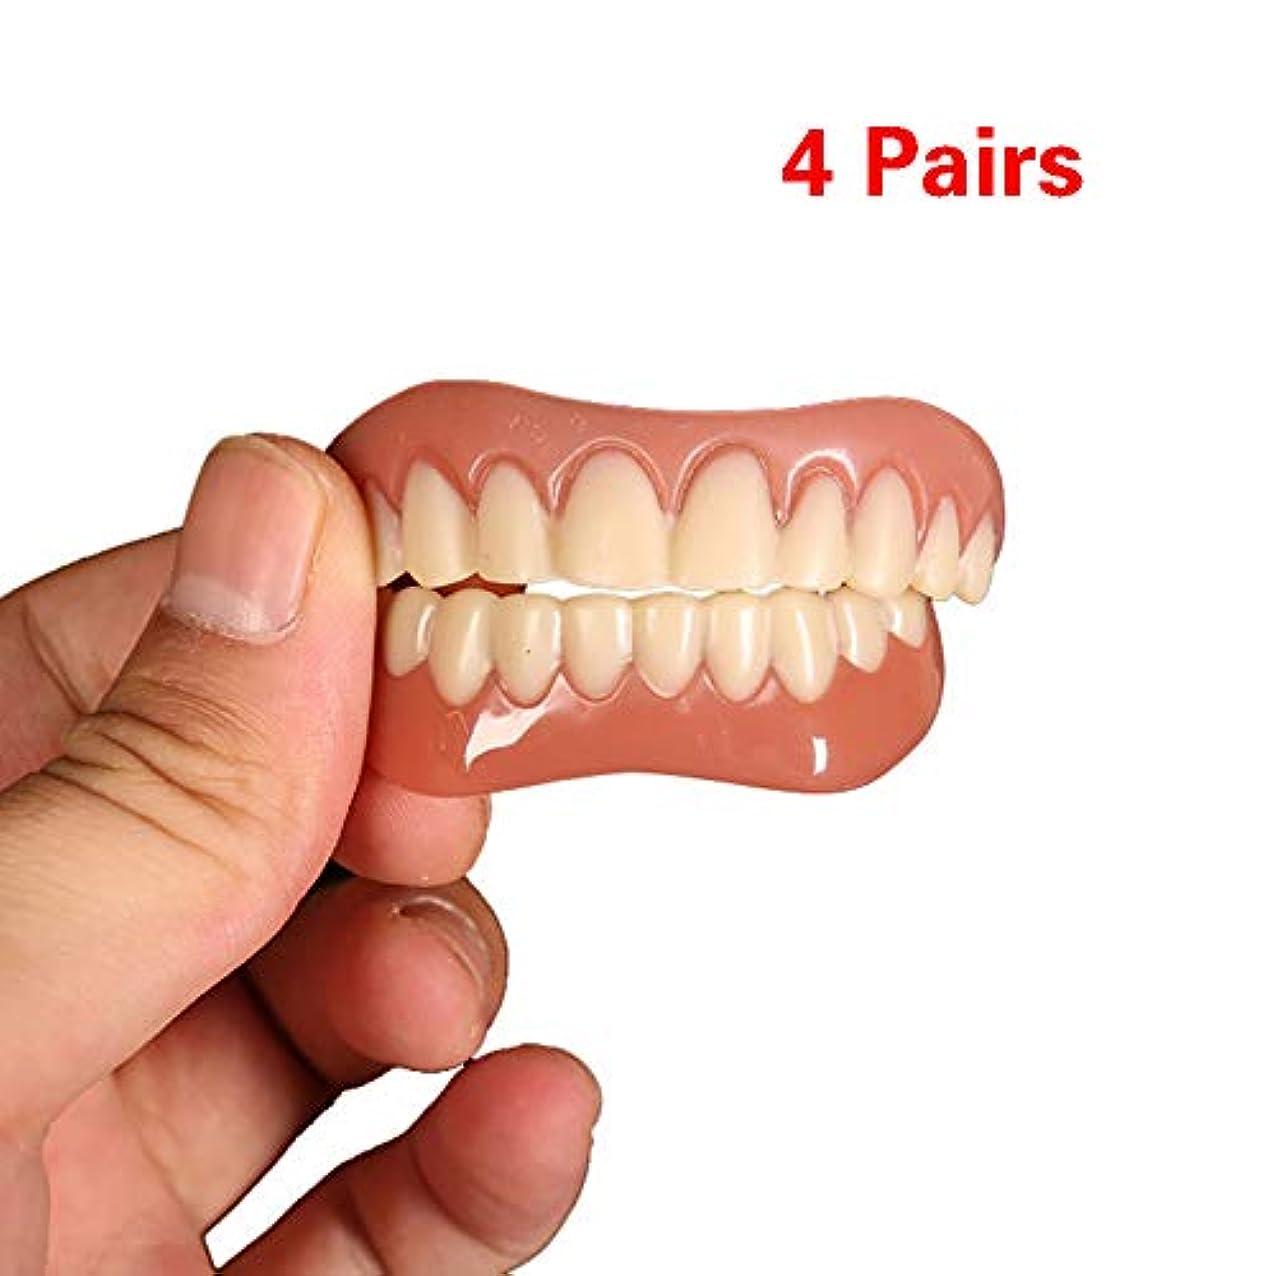 警察署有力者限りなく4対の歯の快適さフィットフレックス化粧品の歯義歯の歯のトップ+ボトム化粧品突き板シミュレーションブレース